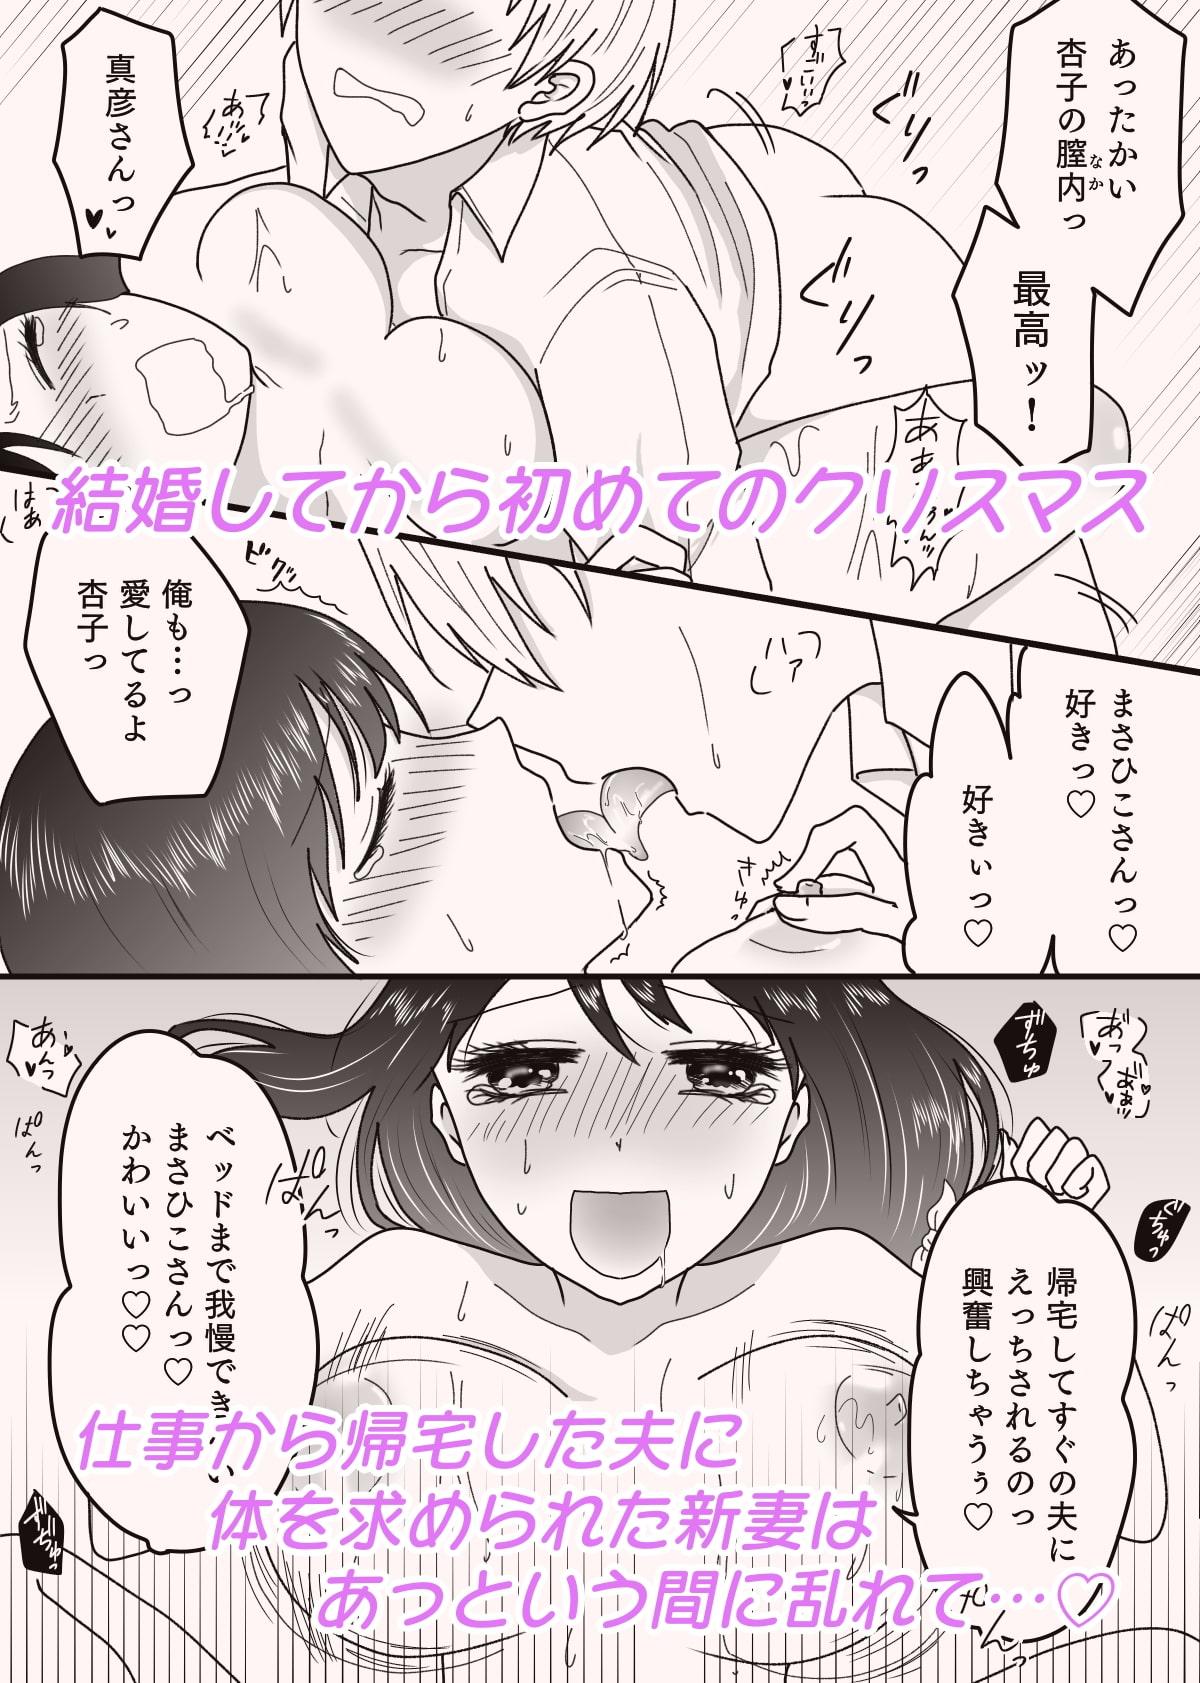 ハピハピクリスマス~性なる夜の3つの物語~